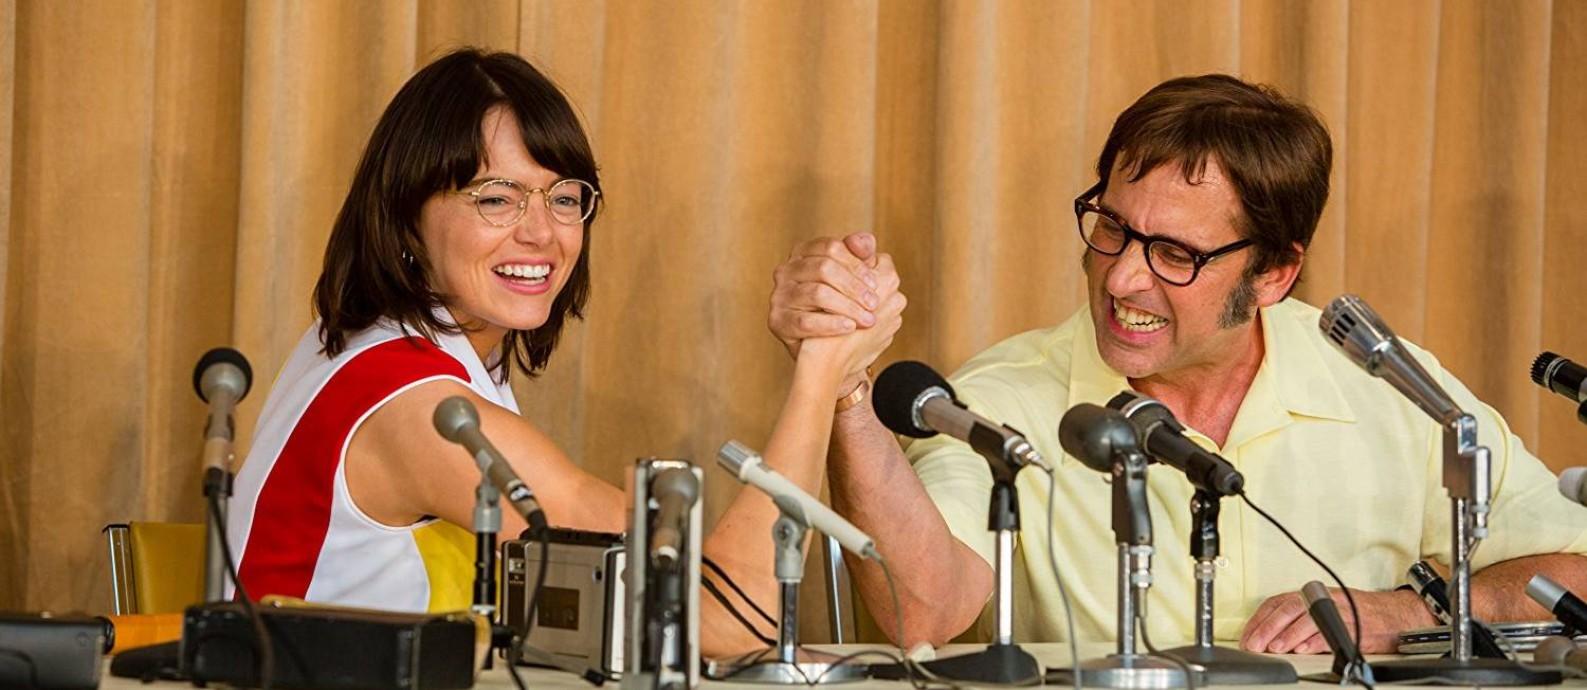 Cena do filme 'Guerra dos sexos' Foto: Divulgação